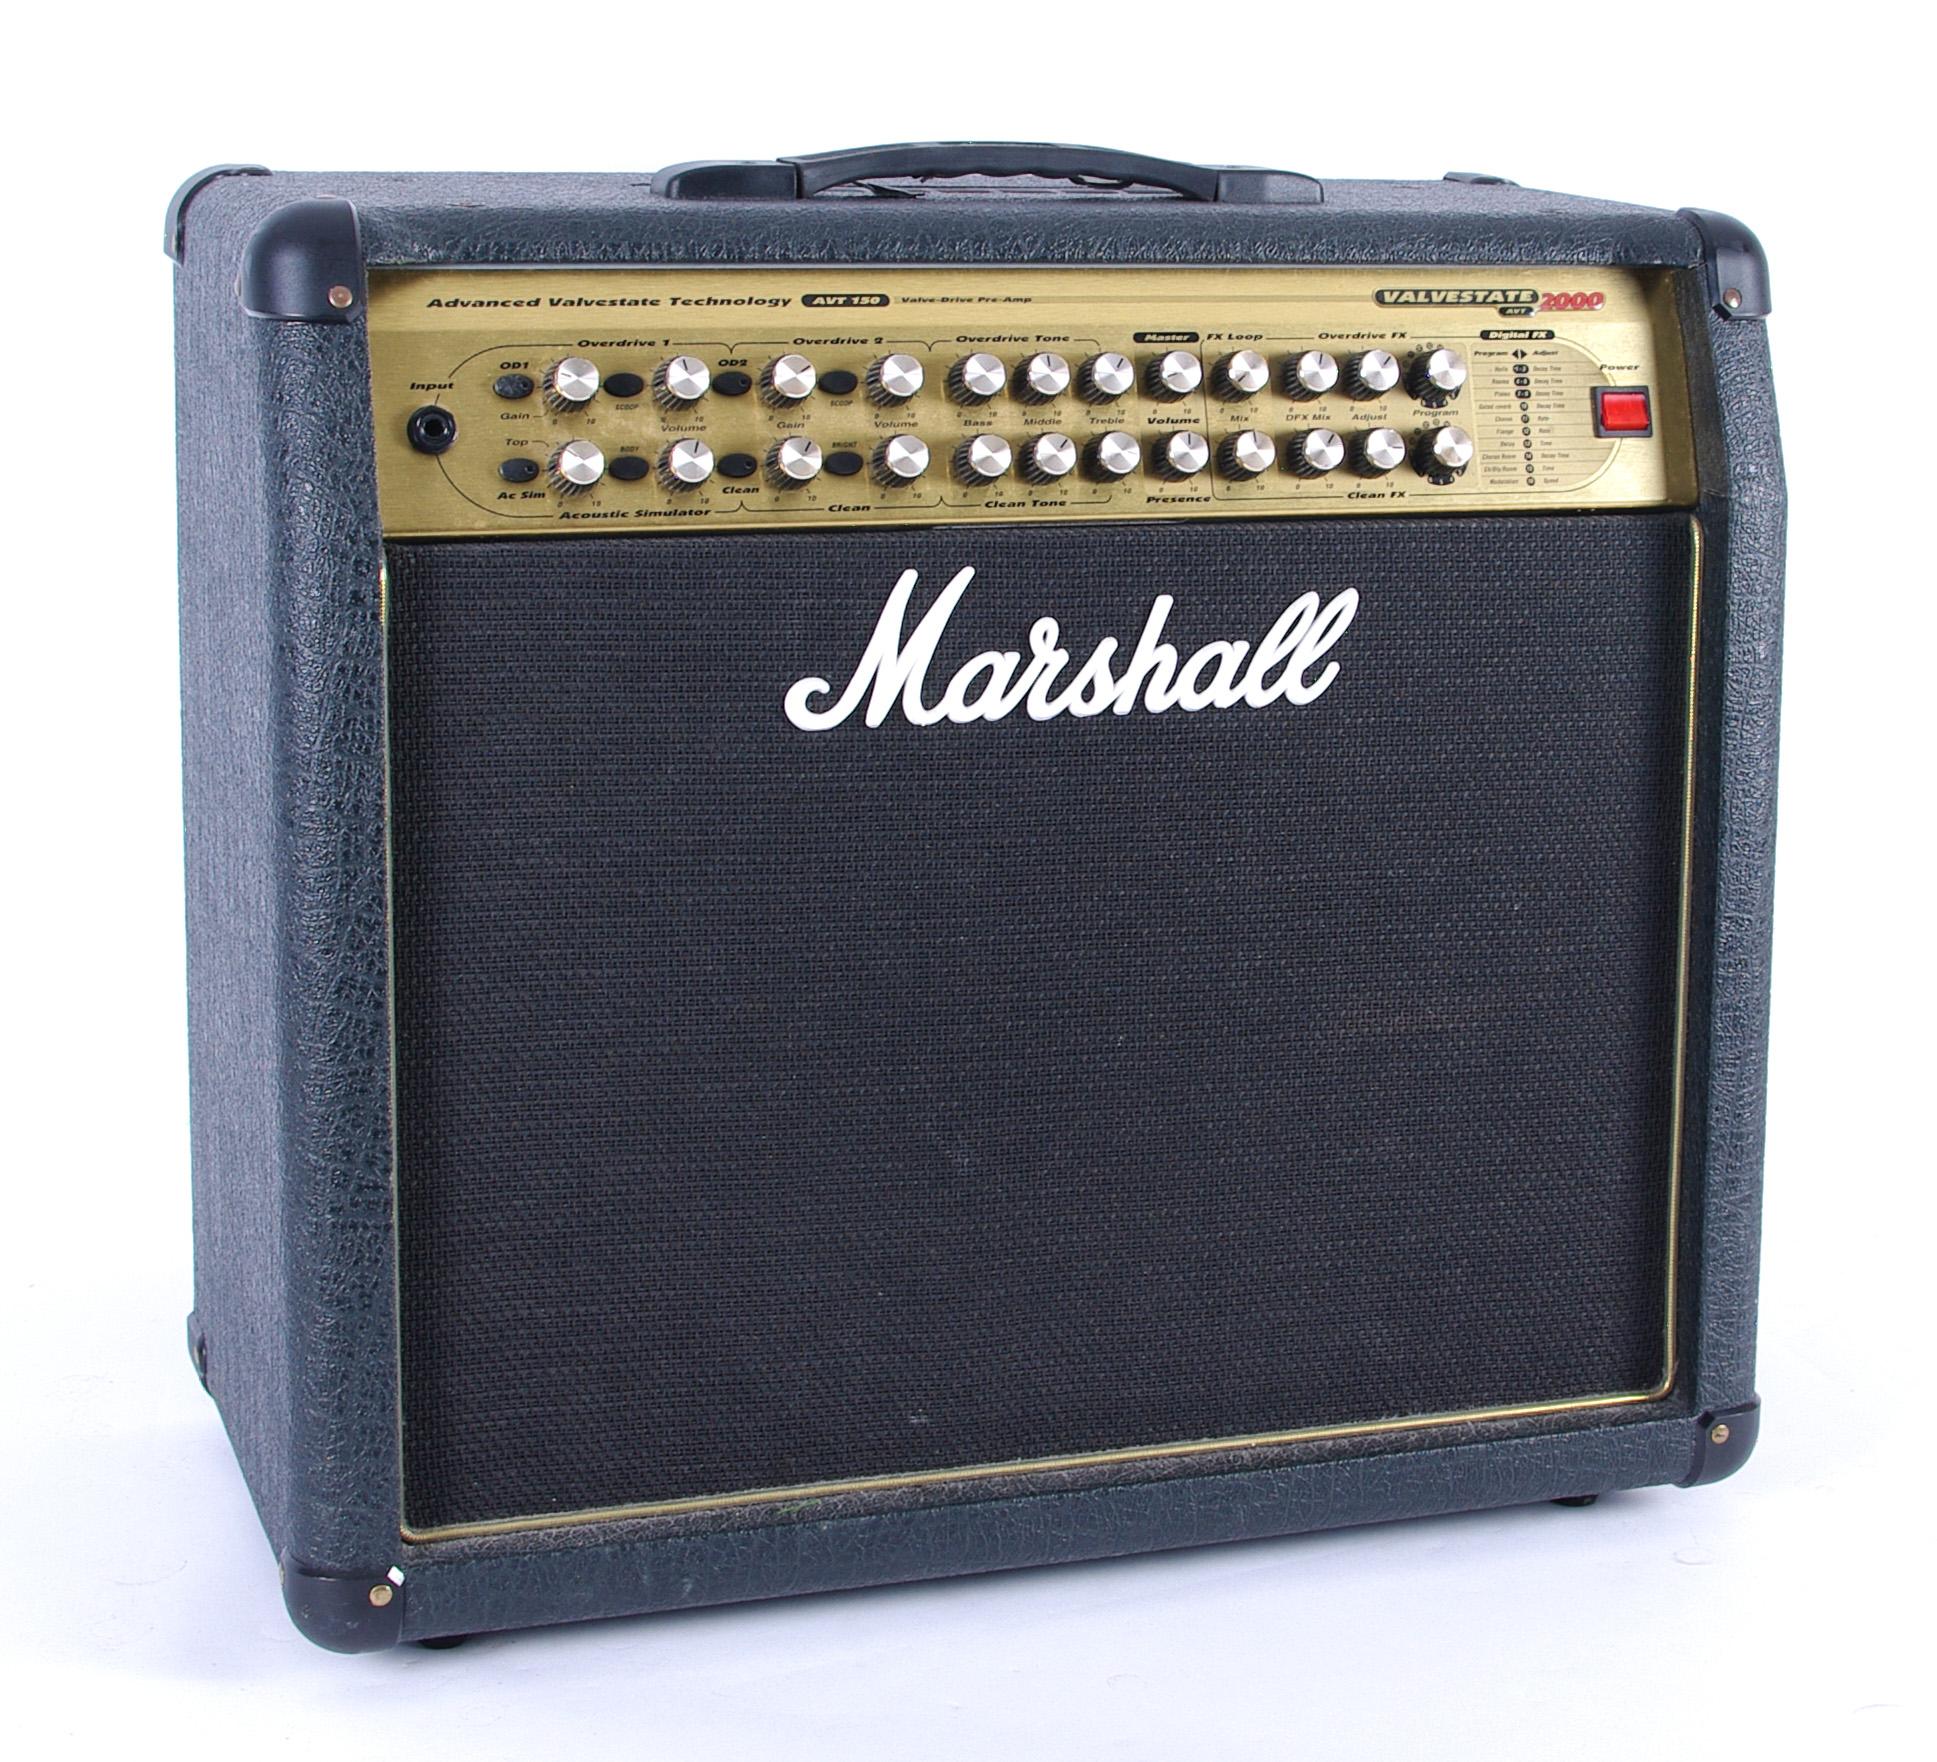 Best valve for Marshall Valvestate 2000 AVT150 amplifier